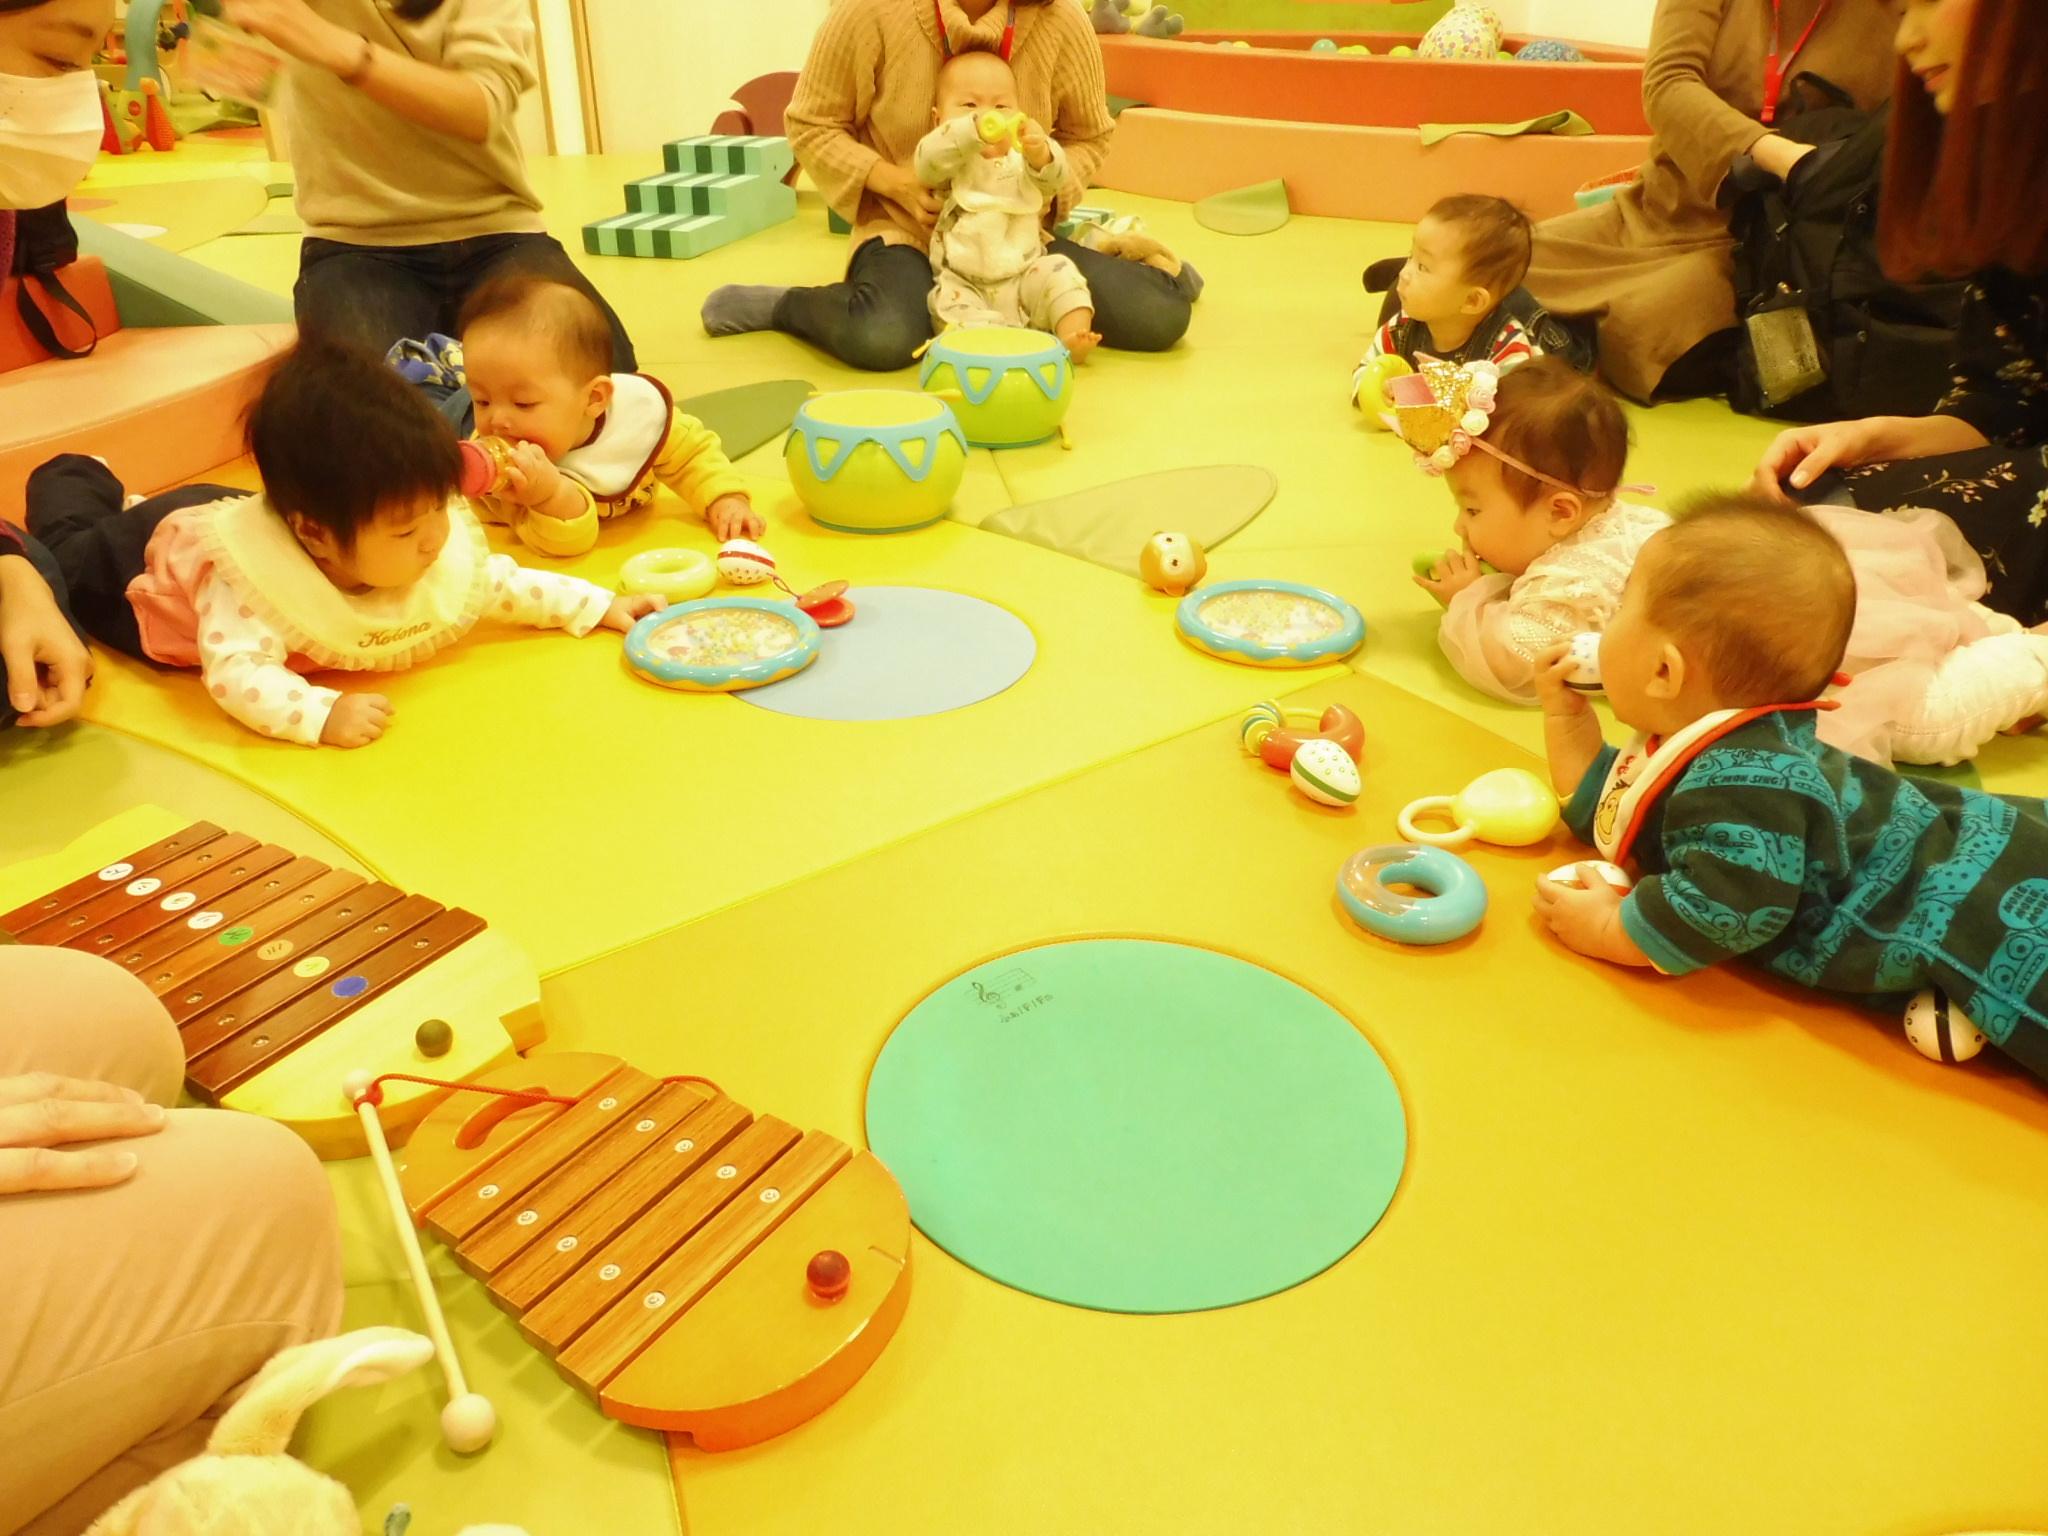 11月26日と28日の赤ちゃんイベントの様子